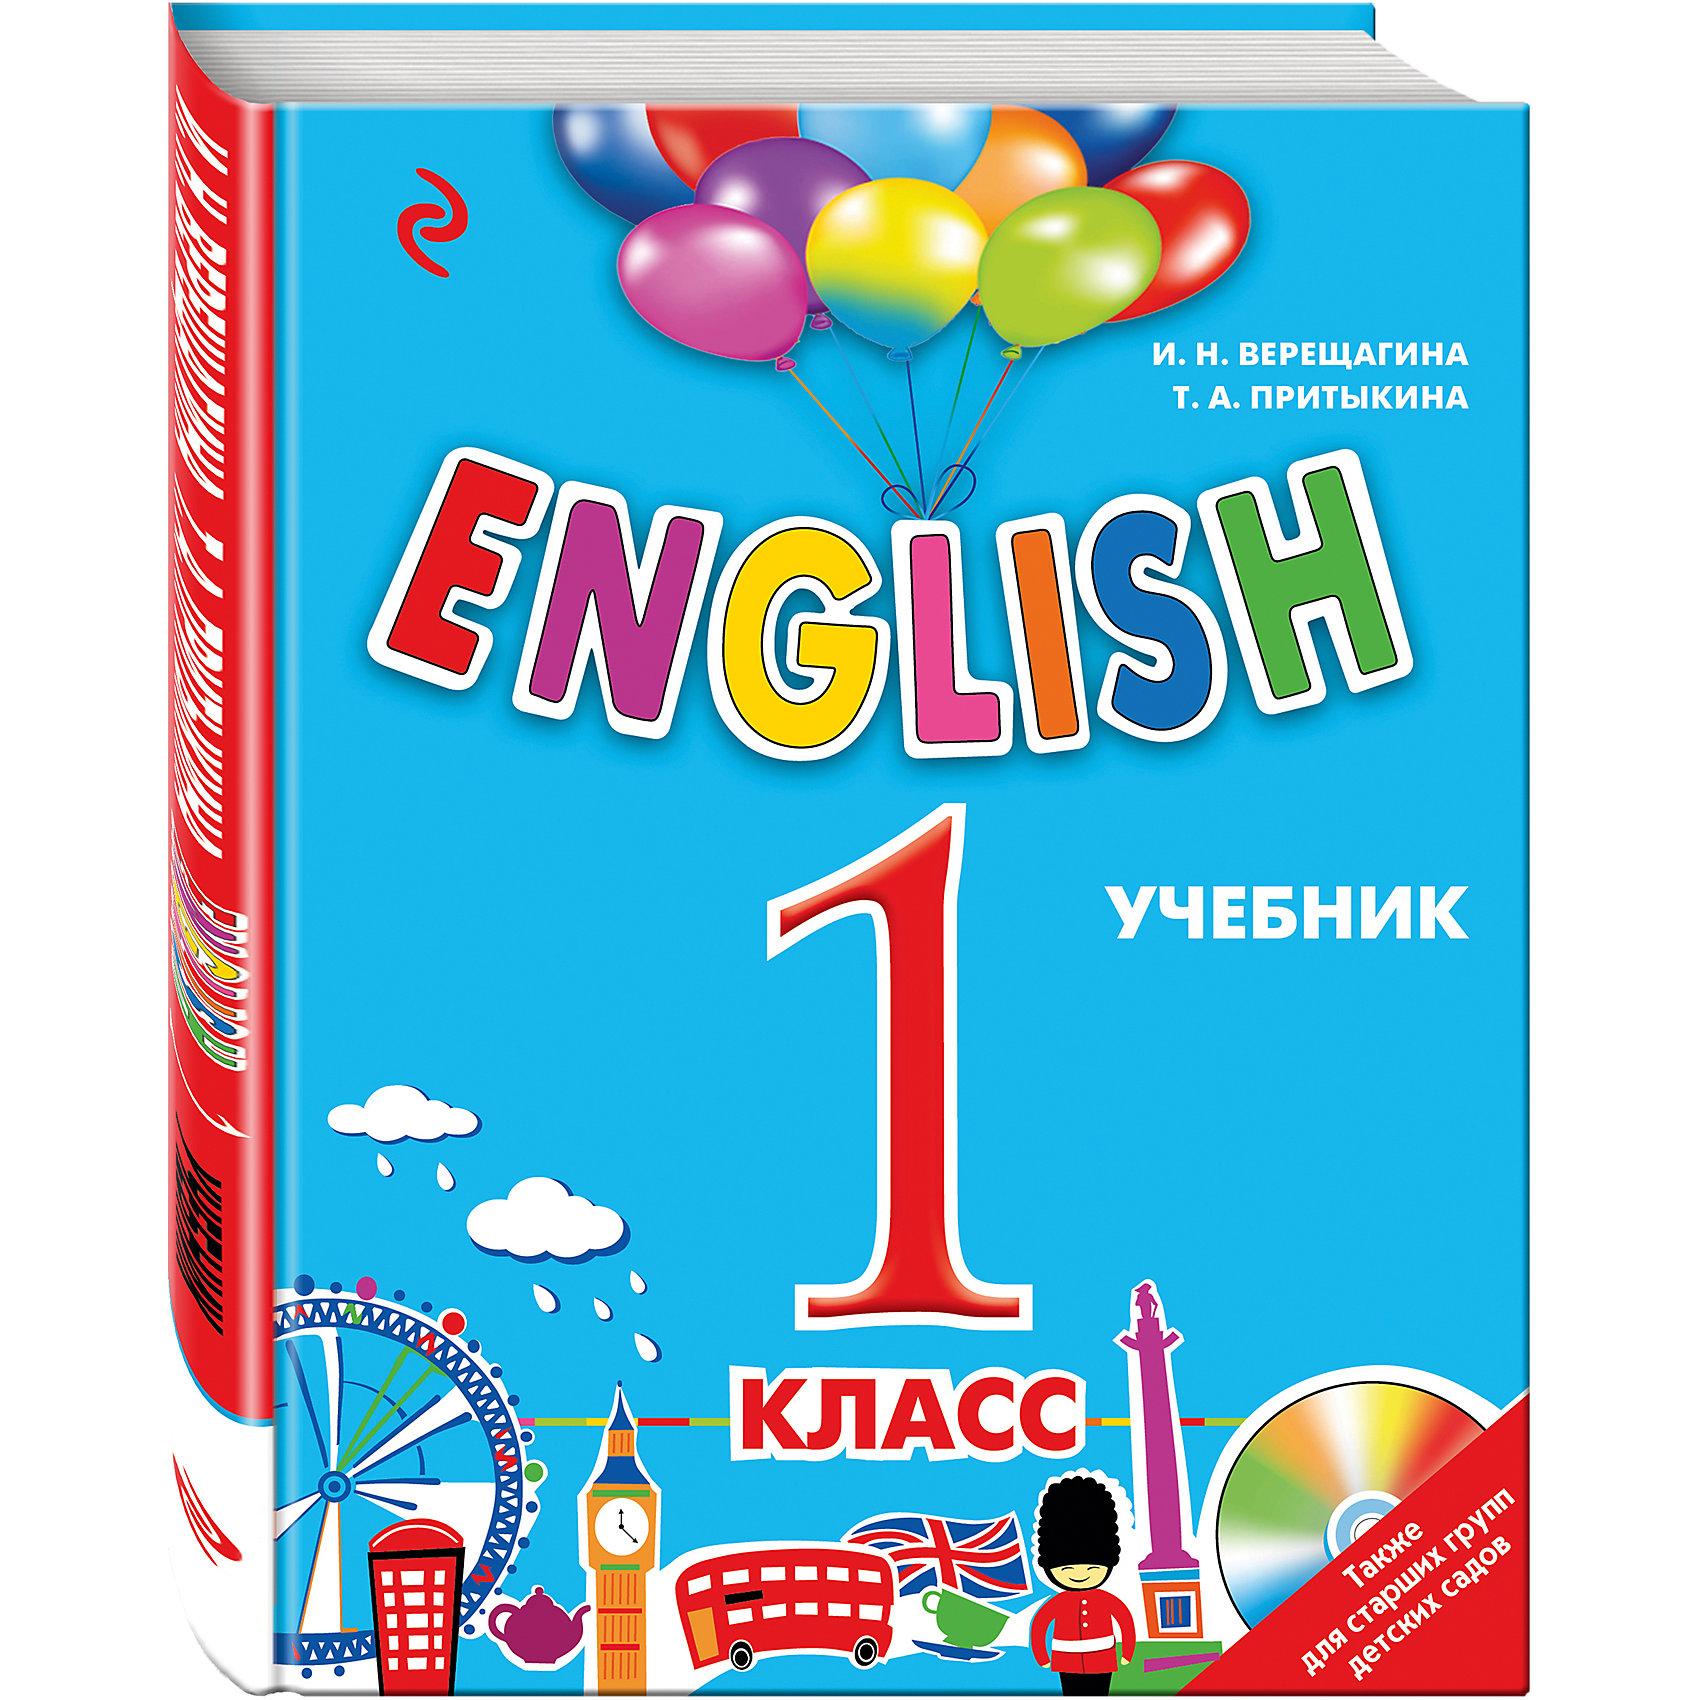 ENGLISH, 1 класс, учебник + CDИностранный язык<br>Учебник представляет собой начальный устный курс английского языка для учащихся 1-го класса школ. Он поможет детям 6-7 лет освоить основы фонетики, лексики и грамматики английского языка. Учащиеся приобретут также начальные коммуникативные навыки говорения и понимания речи на слух. Учебник  характеризуют простота, наглядность и доступность изложения материала. Большое количество и разнообразие упражнений для практики, соответствие возрастным особенностям и возможностям учащихся, наличие аудиозаписи в исполнении носителей языка делают учебник чрезвычайно полезным при изучении английского языка в начальной школе.<br>В конце учебника имеется приложение для учителей, в котором даны тексты звукозаписи. Если учитель не имеет технической возможности работать с диском, он может прочитать тексты звукозаписи самостоятельно.<br>Учебник предназначен для детей 6-7 лет, изучающих английский язык с преподавателем или репетитором, а также дома с родителями.<br>Учебник является частью учебно-методического комплекта, в который входят также рабочая тетрадь и методическое пособие для взрослых.<br><br>Ширина мм: 260<br>Глубина мм: 210<br>Высота мм: 10<br>Вес г: 471<br>Возраст от месяцев: 72<br>Возраст до месяцев: 96<br>Пол: Унисекс<br>Возраст: Детский<br>SKU: 6878178